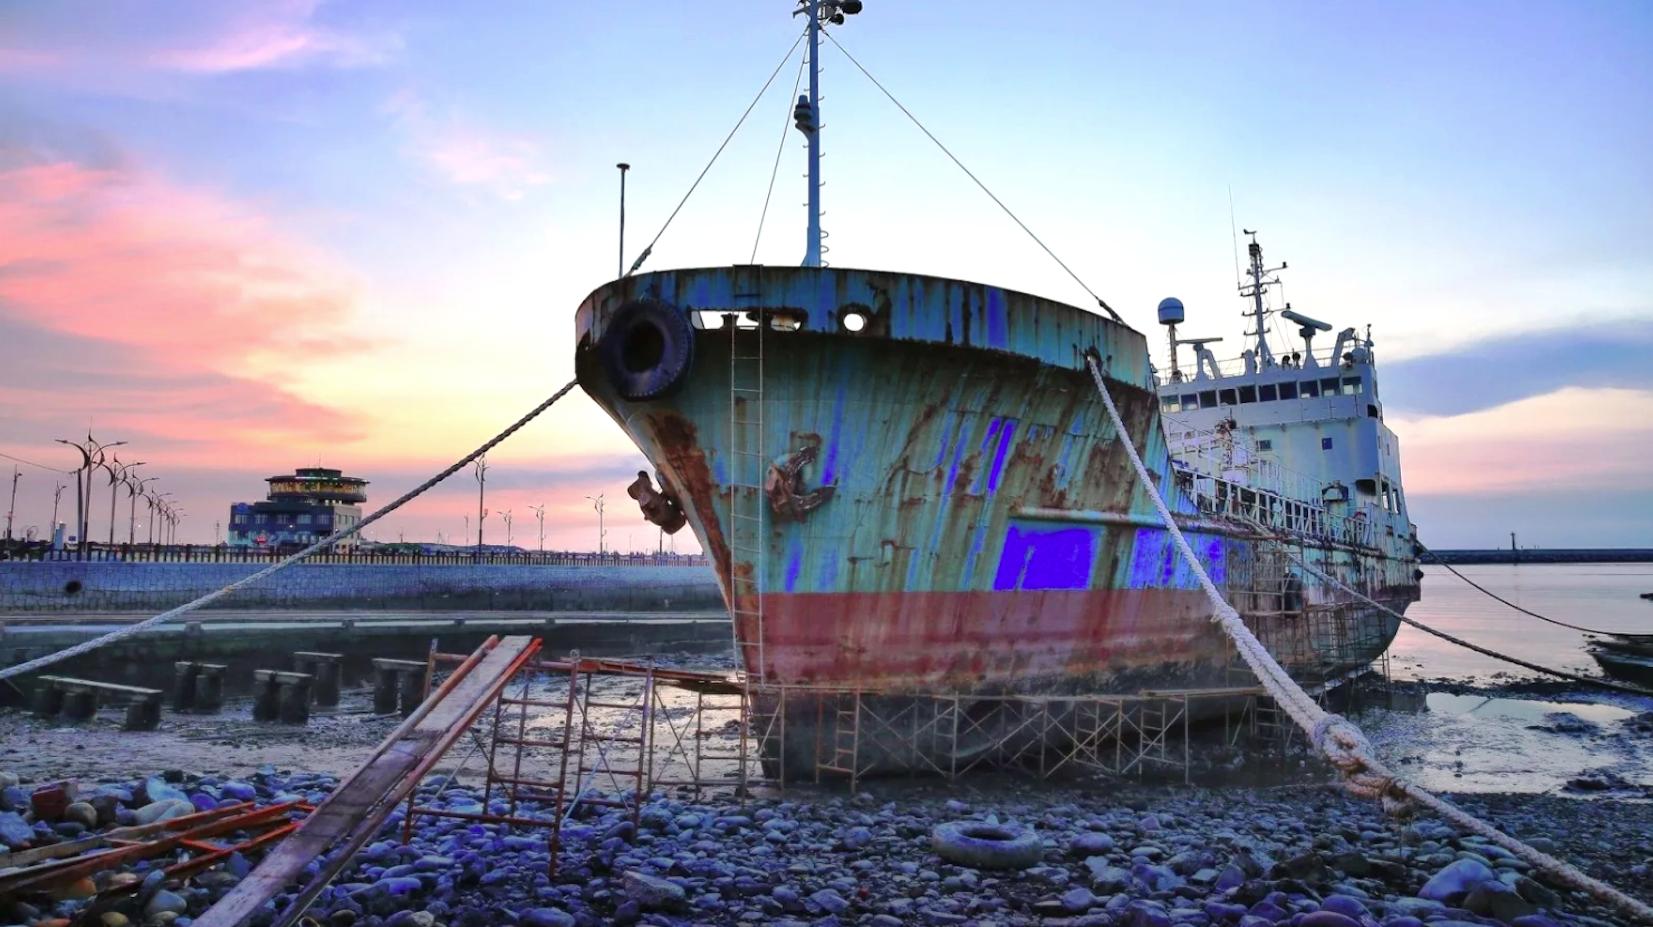 Контрмеры против затаивших злобу на Россию портов Прибалтики сработали Порты,Прибалтика,Россия,Санкции,Экономика,Мир